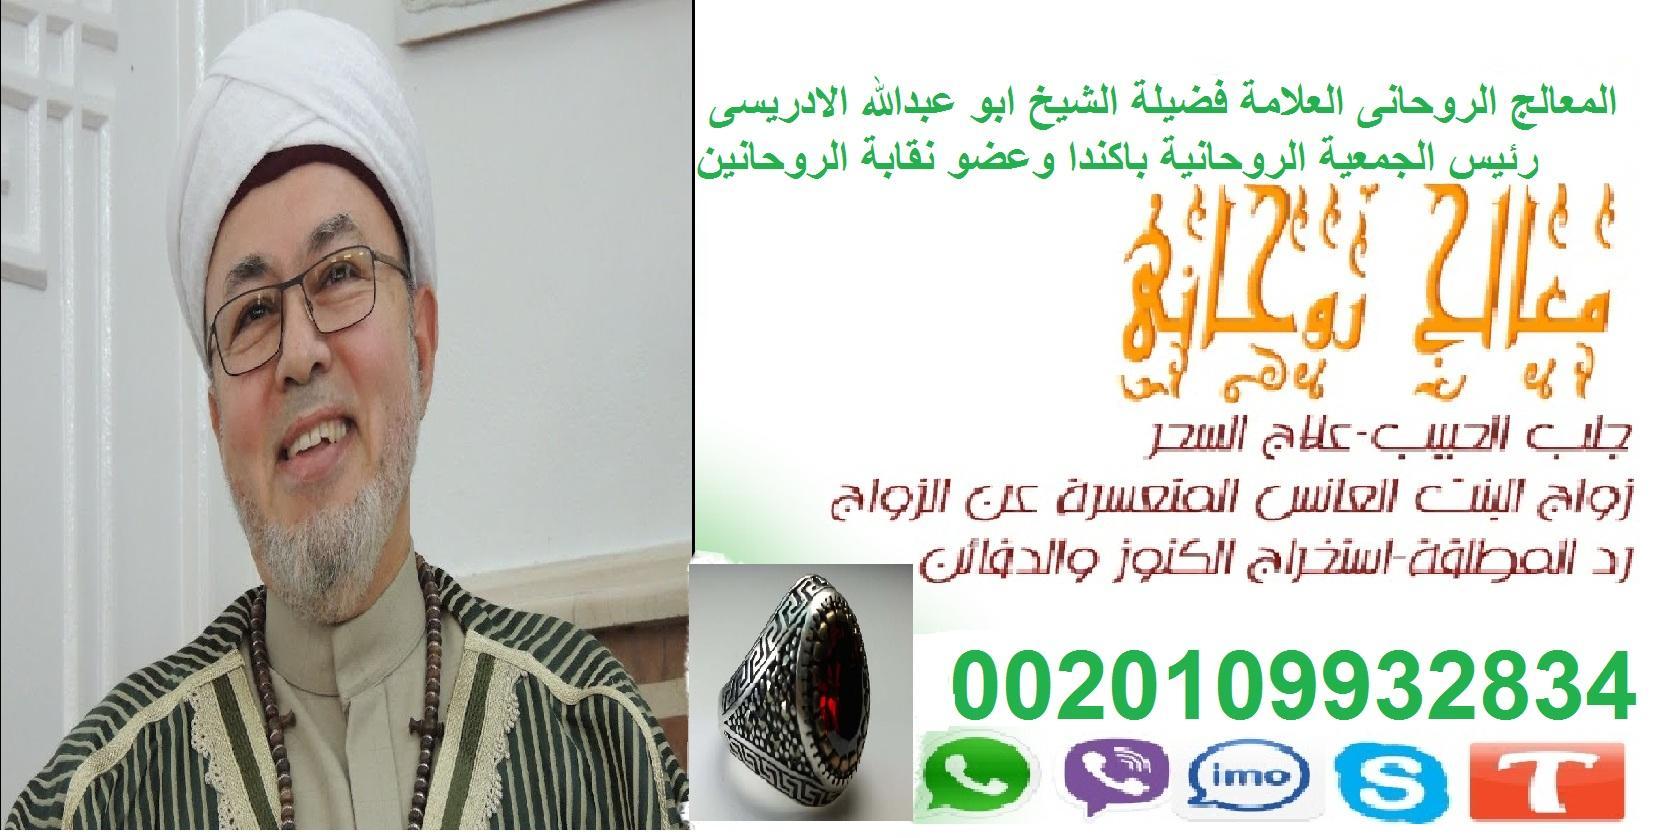 اصدق معالج روحانى السعودية,الامارات,دبى,الادرن,عمان,00201099328349 352701464.jpg